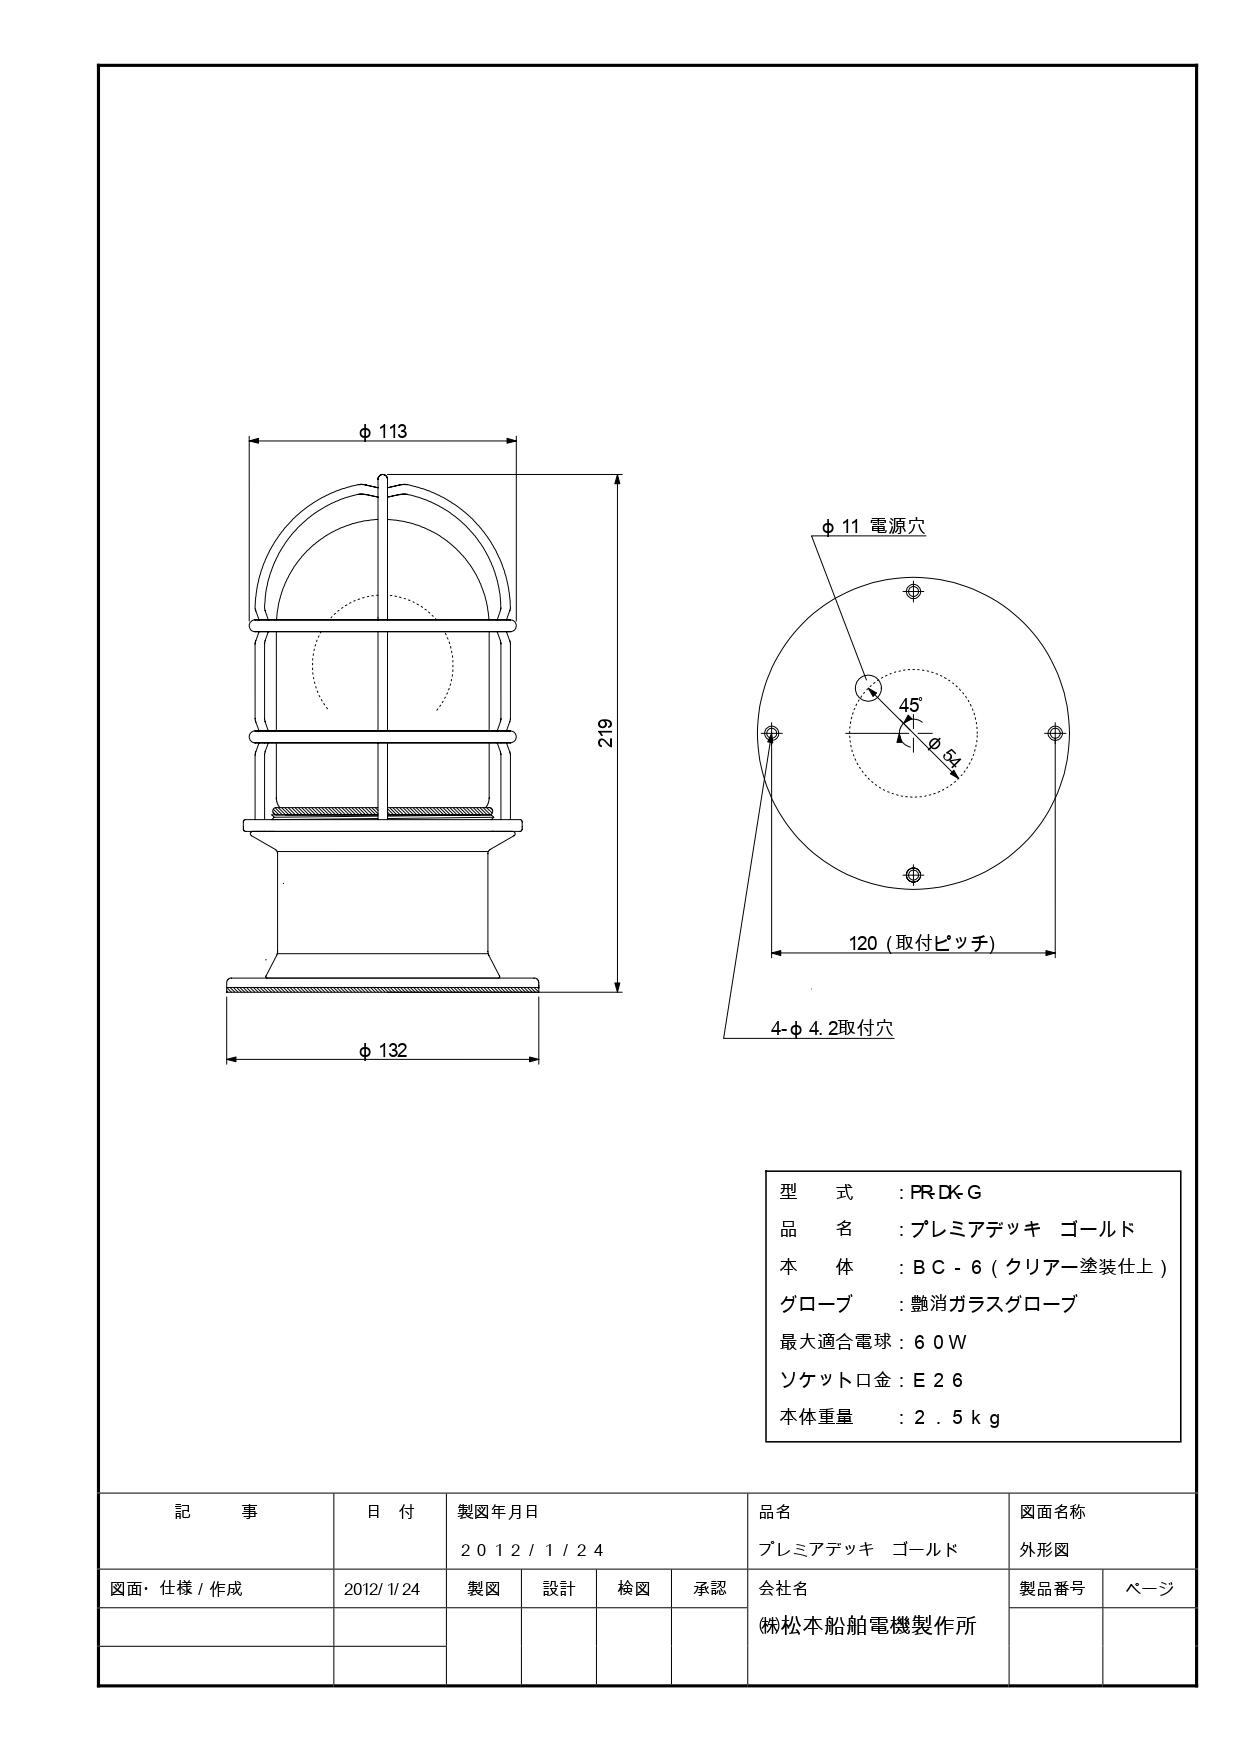 プレミアデッキライト 施工説明書_page-0004